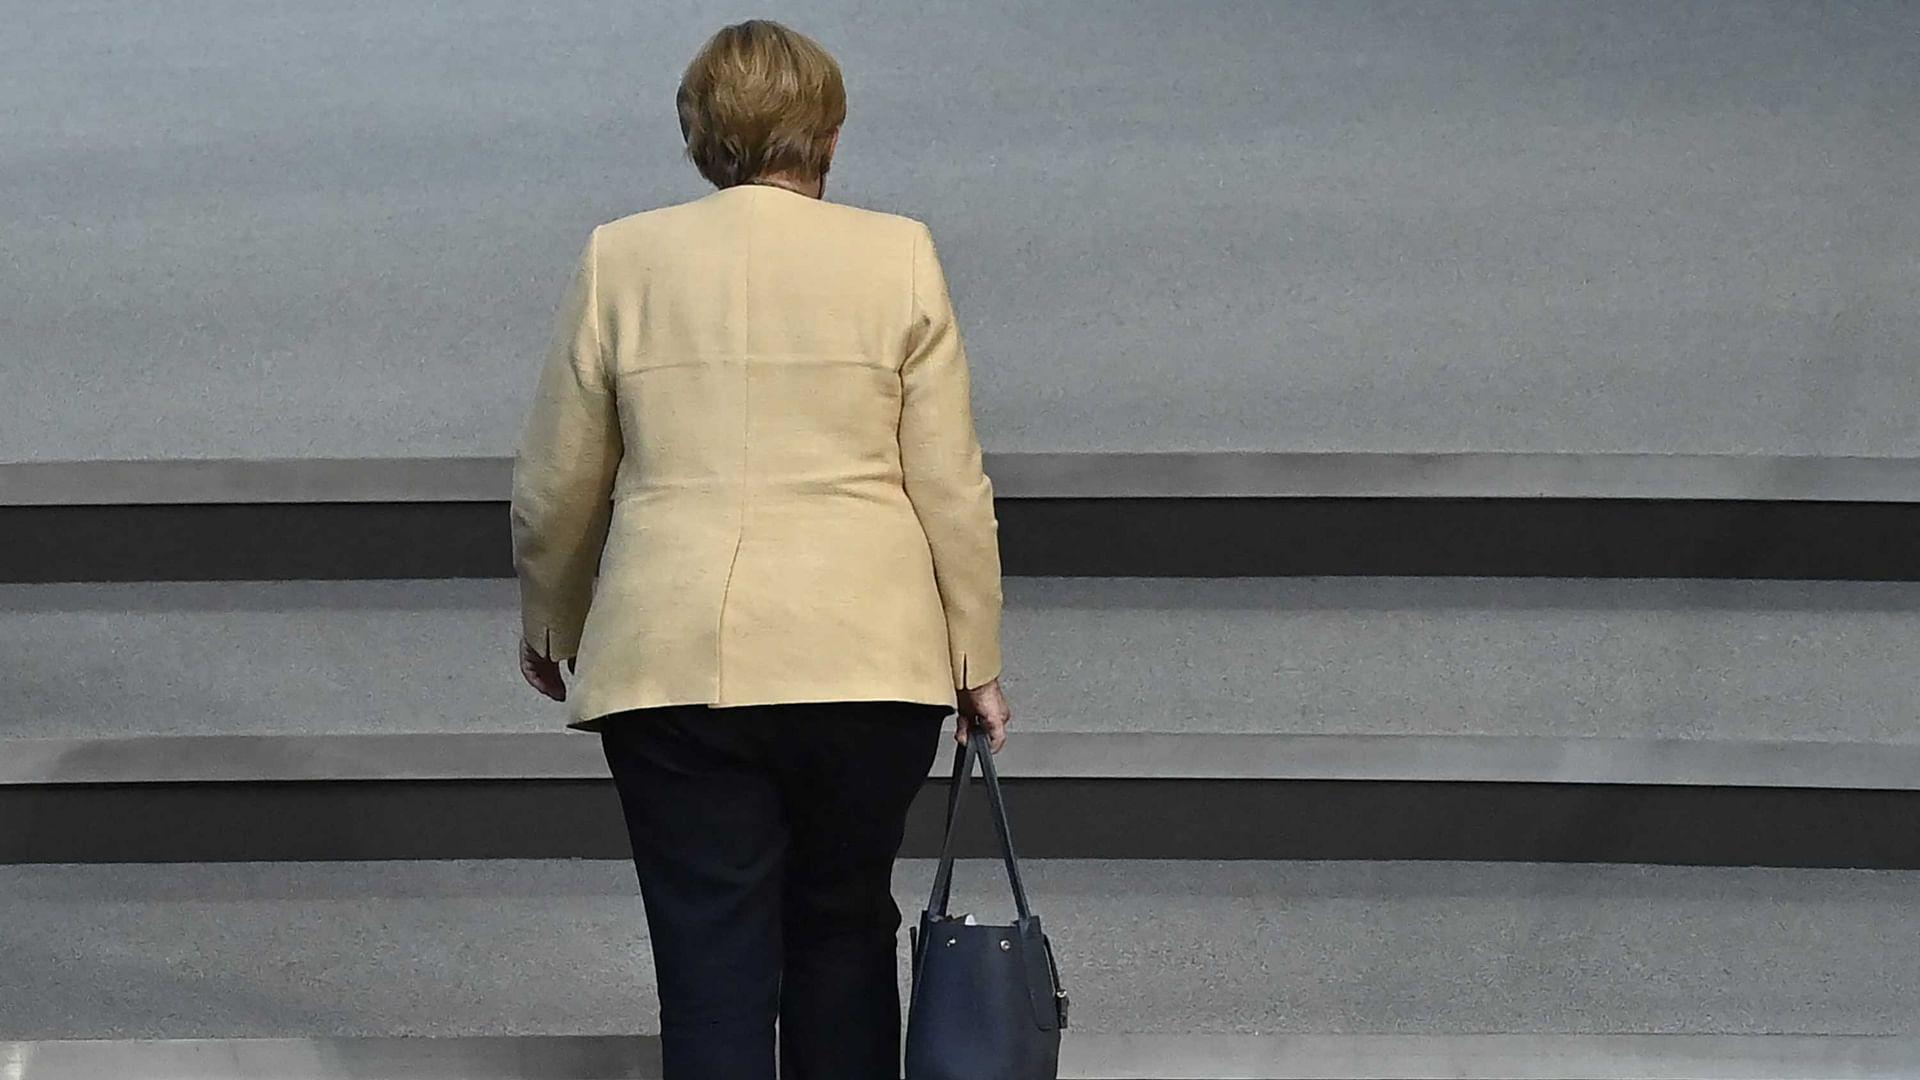 16 Jahre Angela Merkel: Das Ende einer Ära